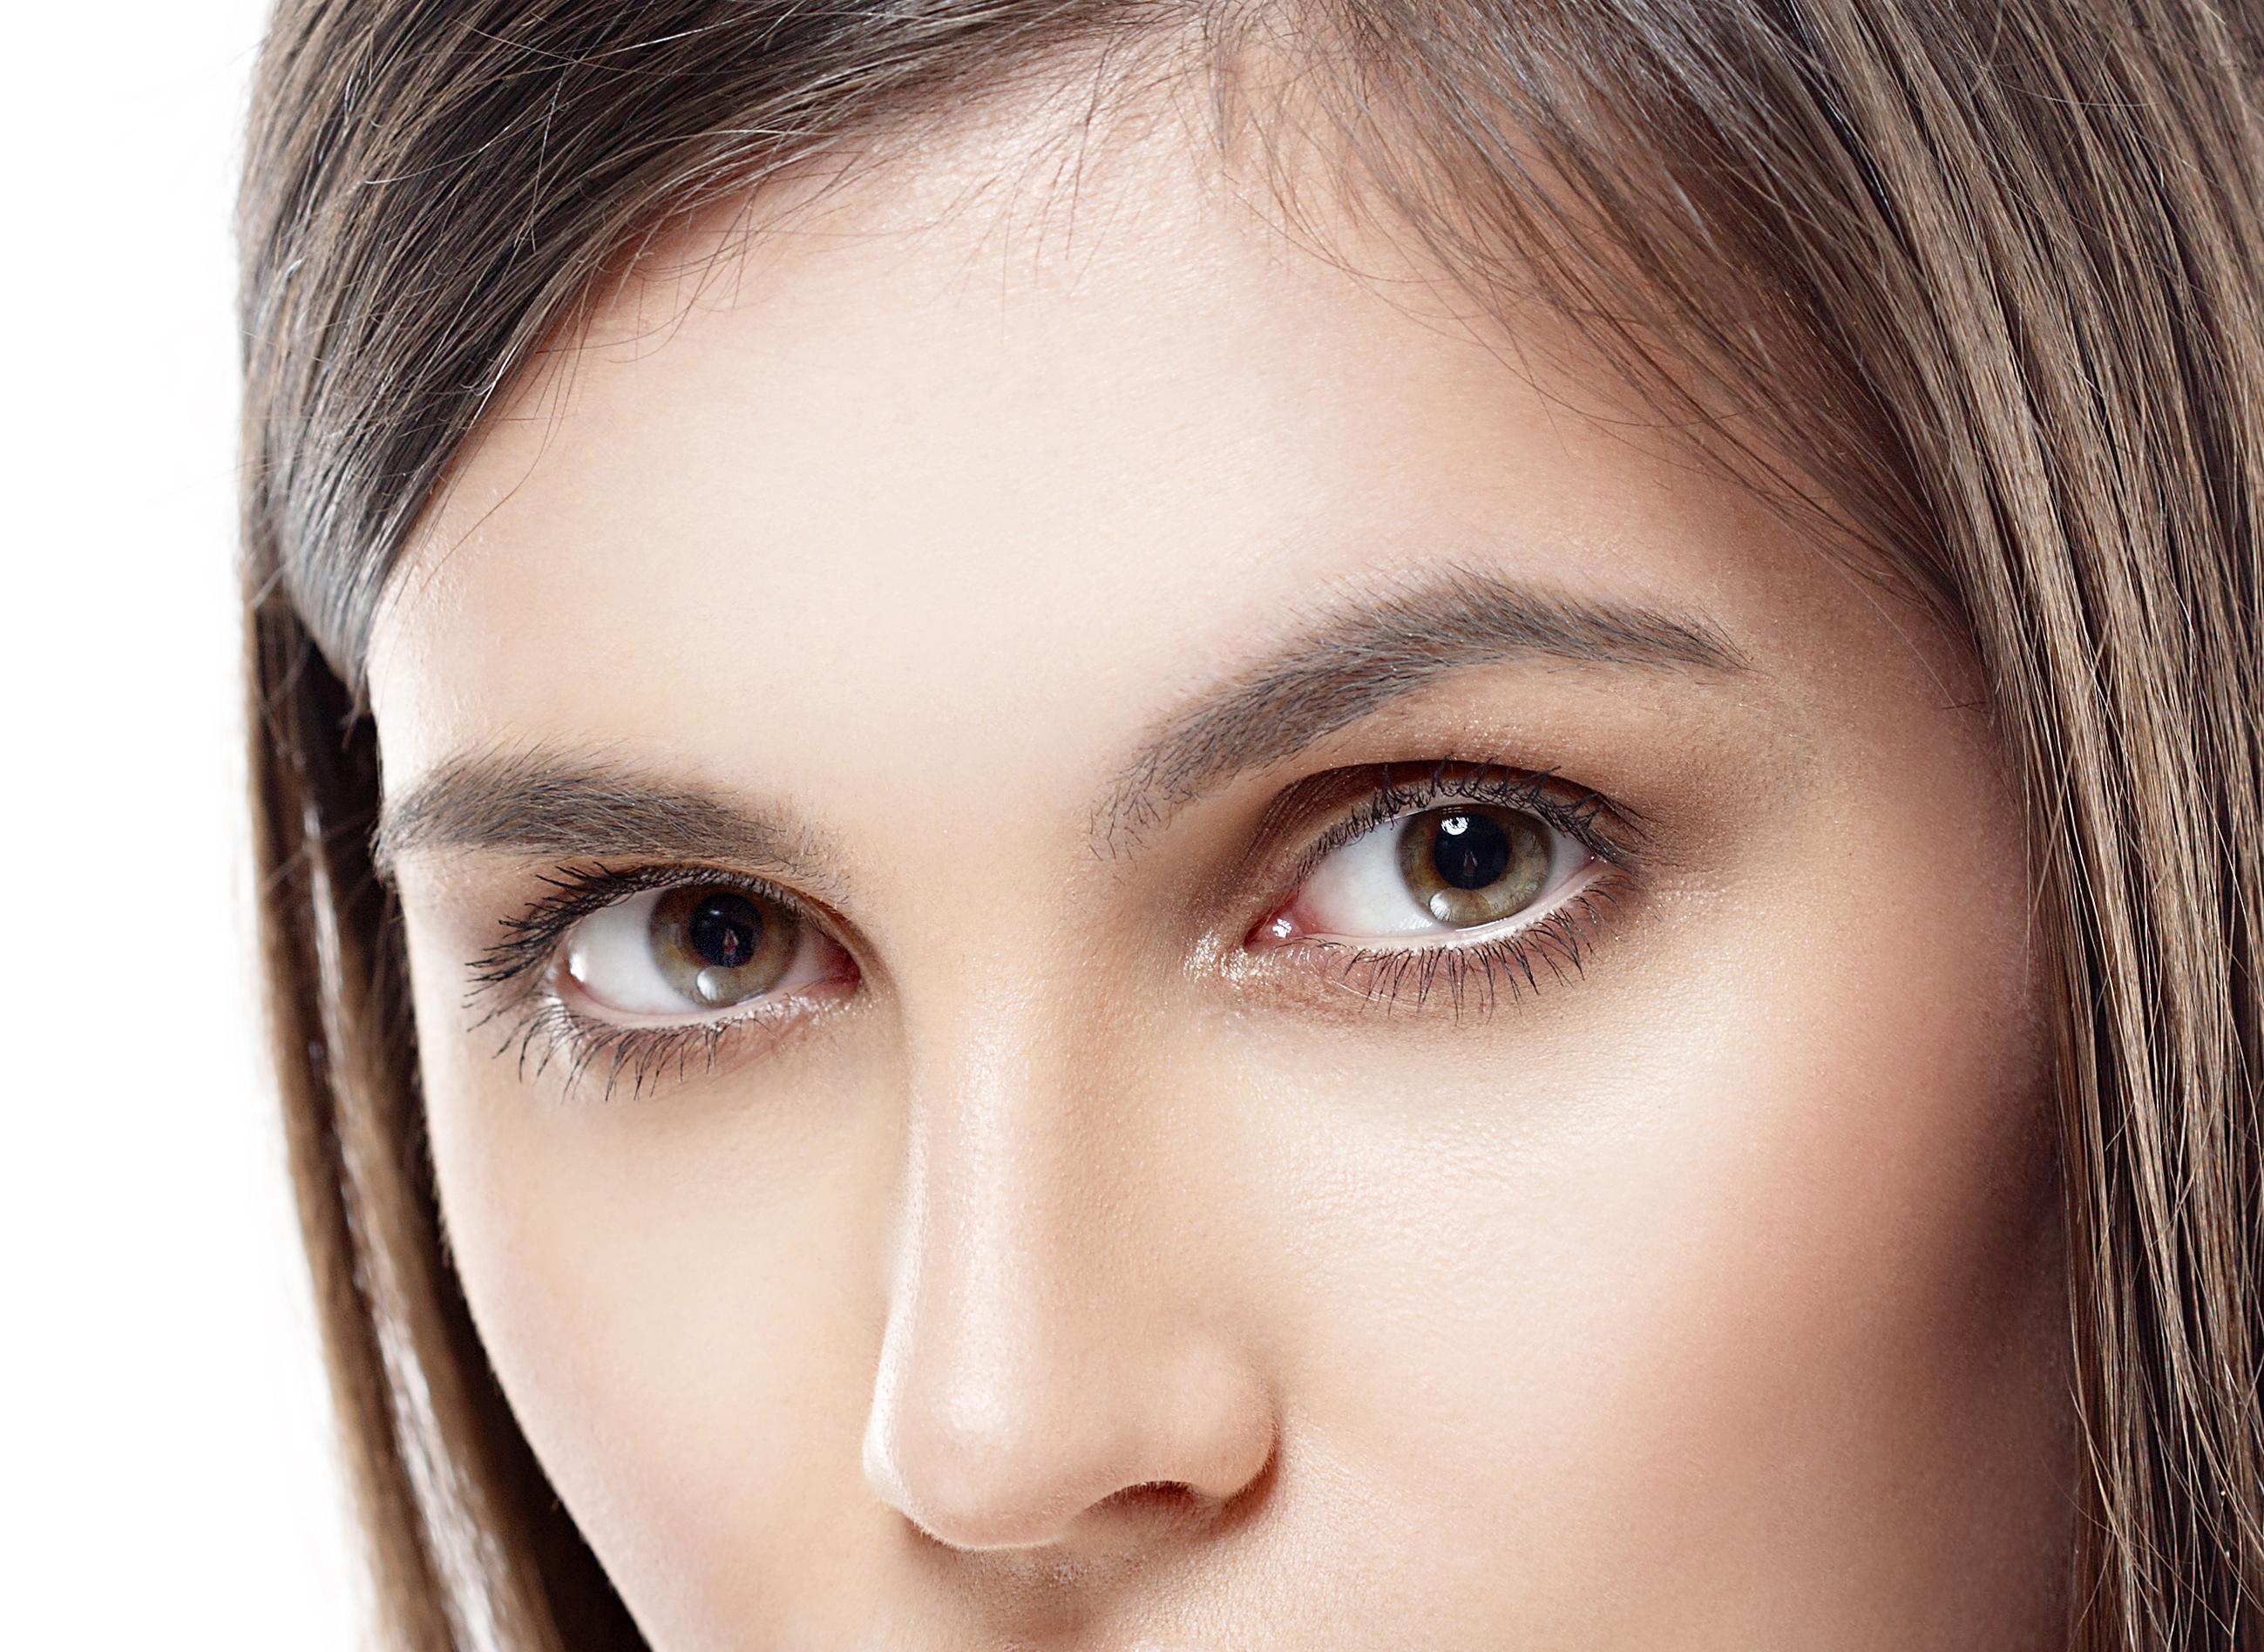 上眼瞼脱脂法(腫れぼったいまぶたの脱脂)の有名病院と人気ランキング